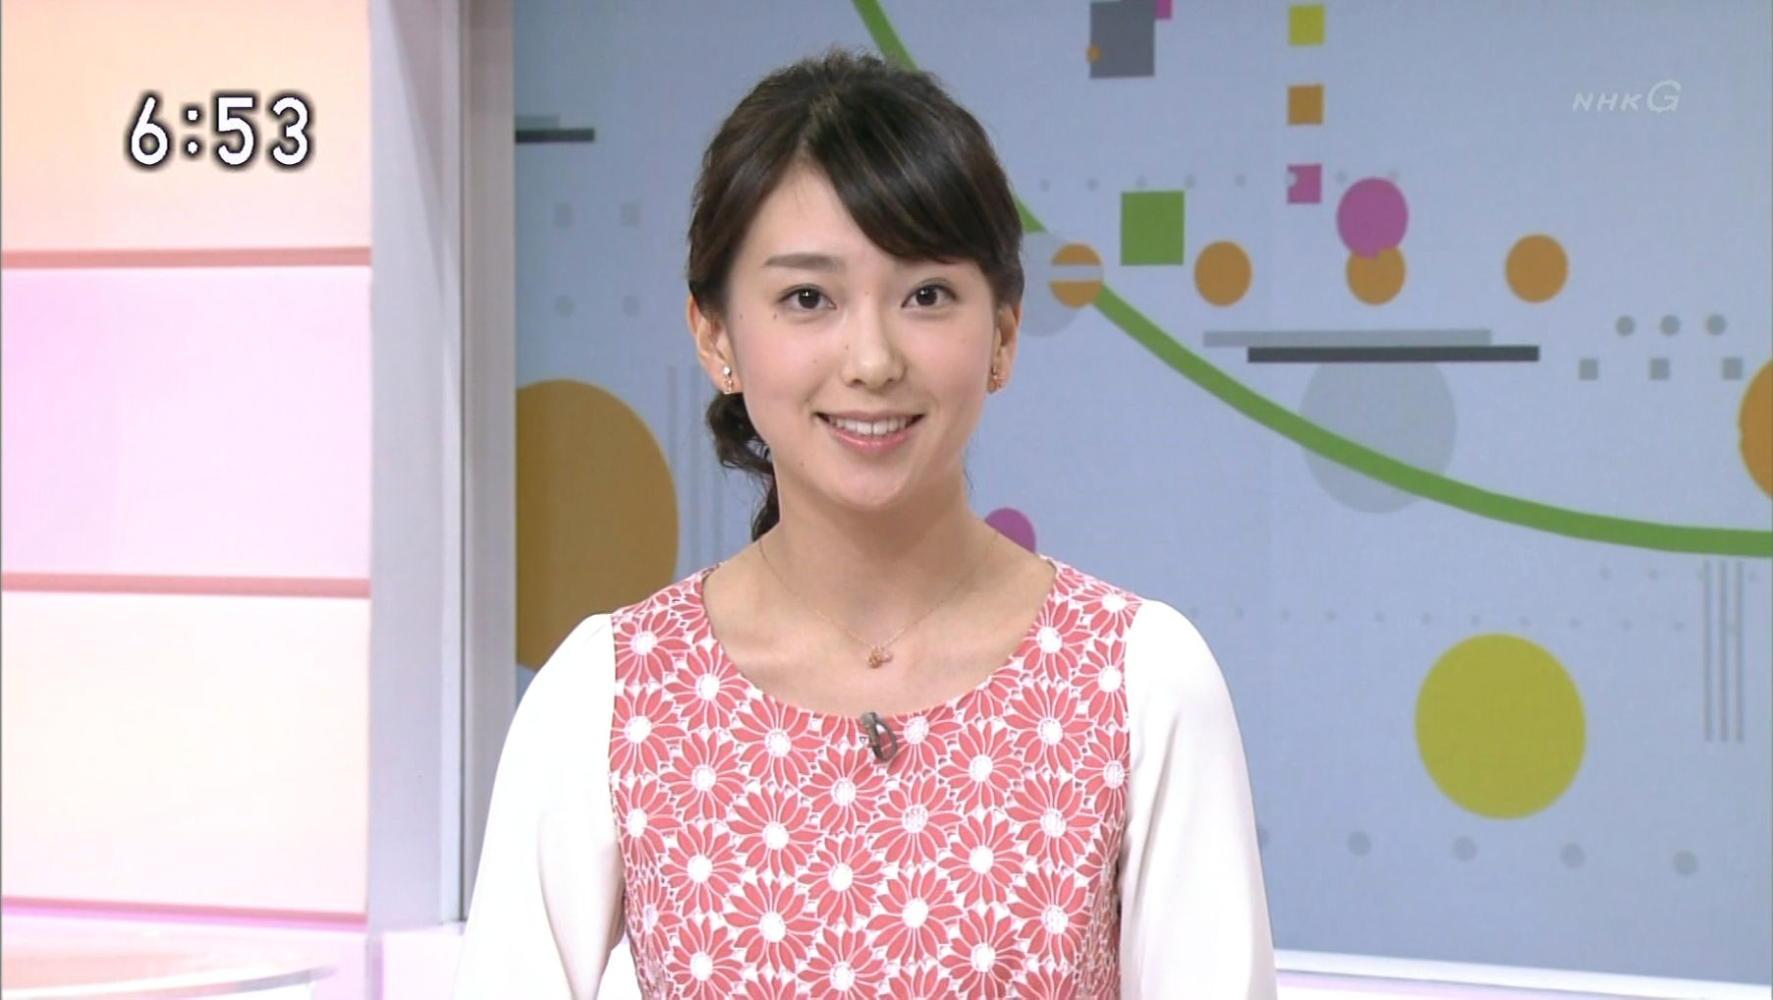 Nhkの美人アナ 和久田麻由子アナウンサーの高画質な画像 壁紙まとめ 写真まとめサイト Pictas